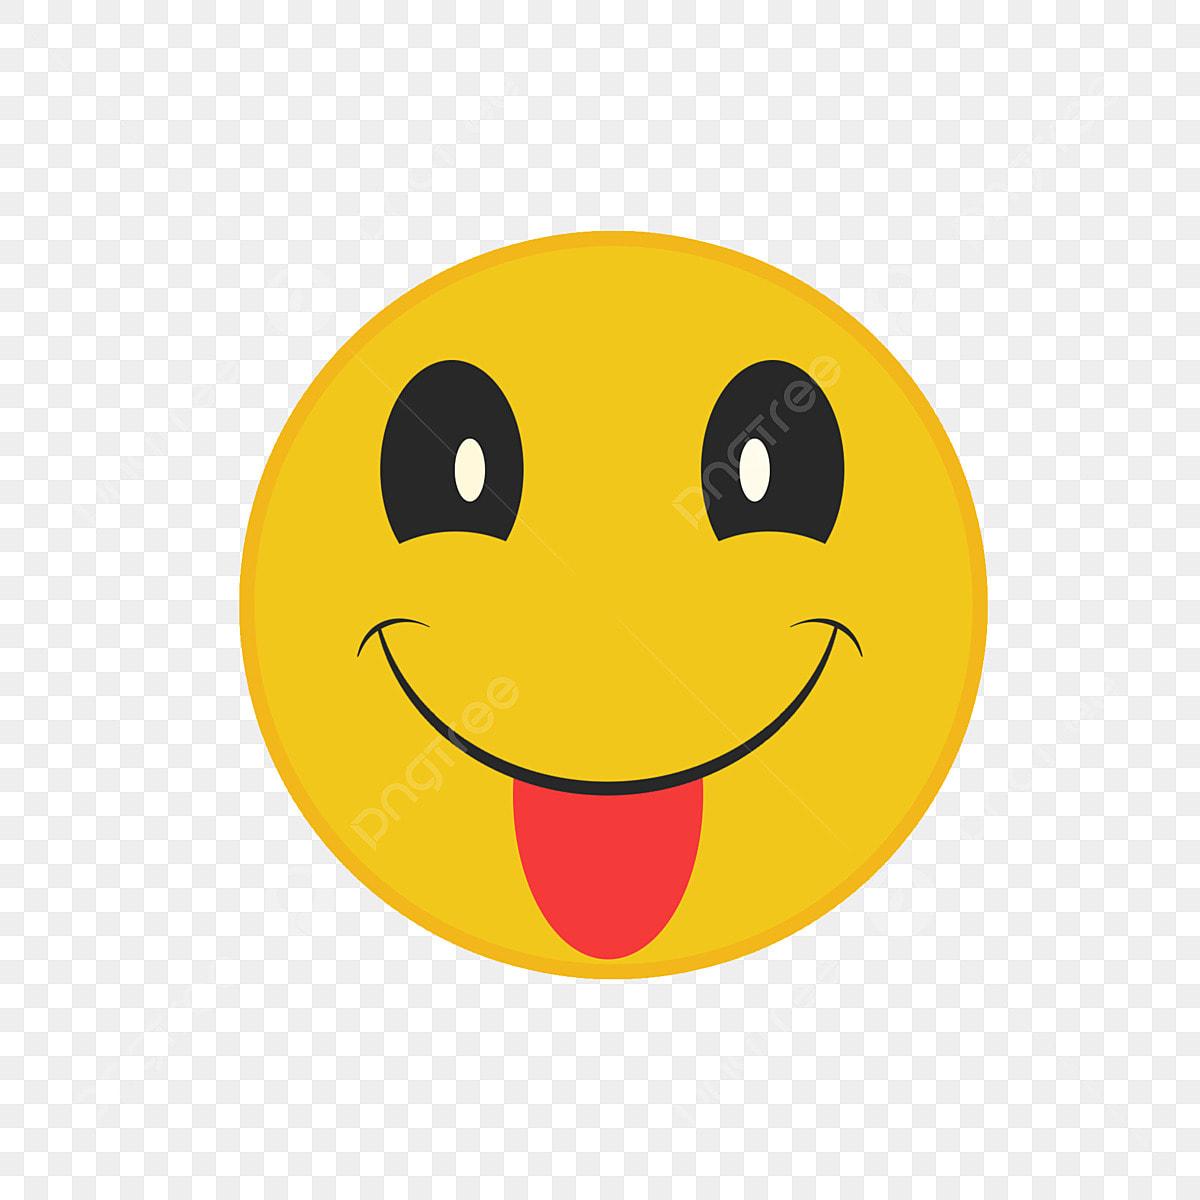 Dessin Anime Smiley Visage Emoji Facial Emoji Pack Smiley Jaune Pack D Emoticones Creatives Fichier Png Et Psd Pour Le Telechargement Libre